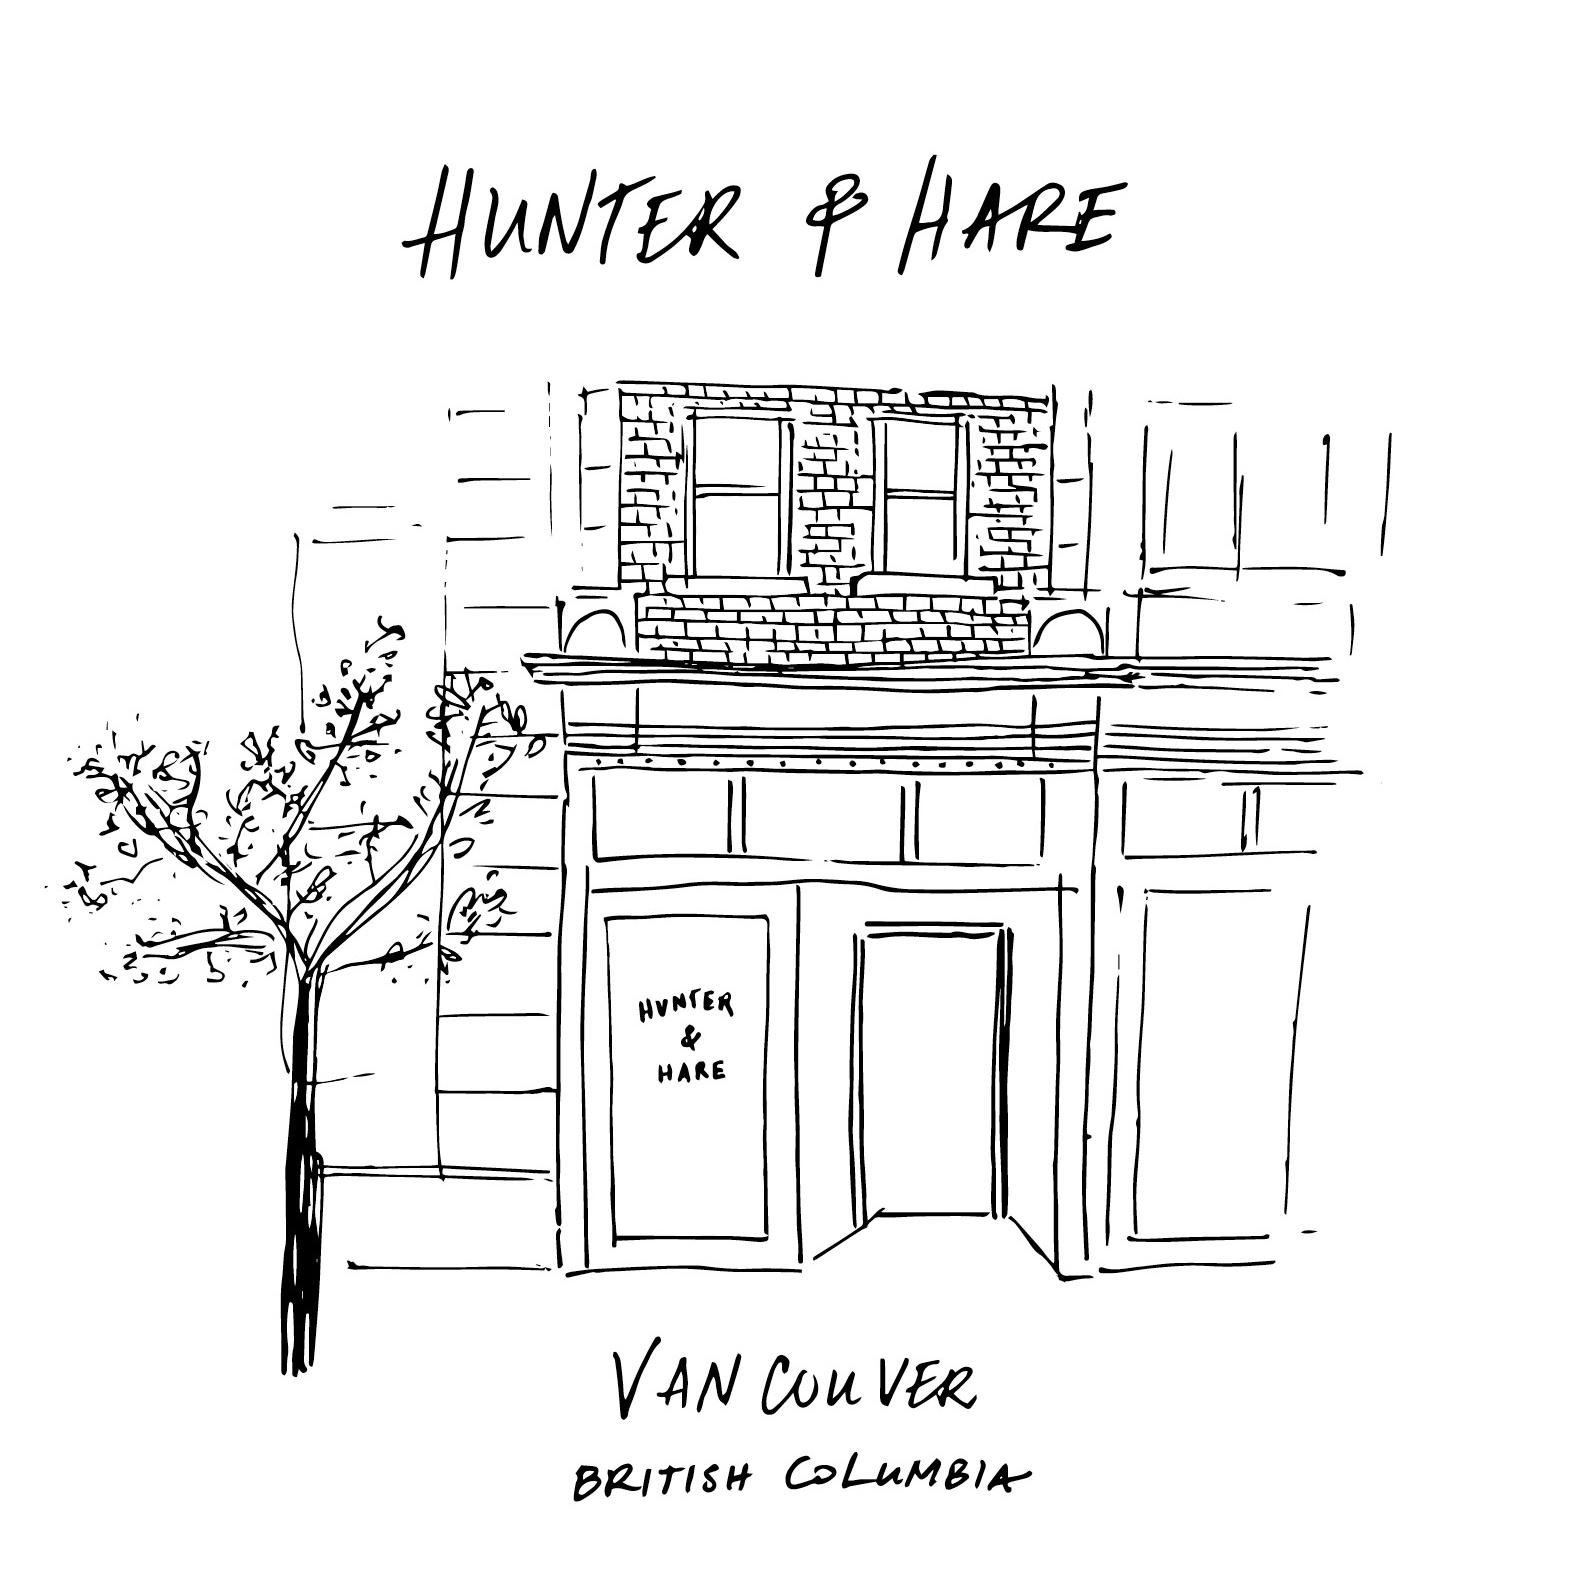 hunter_hare_illustration.jpg